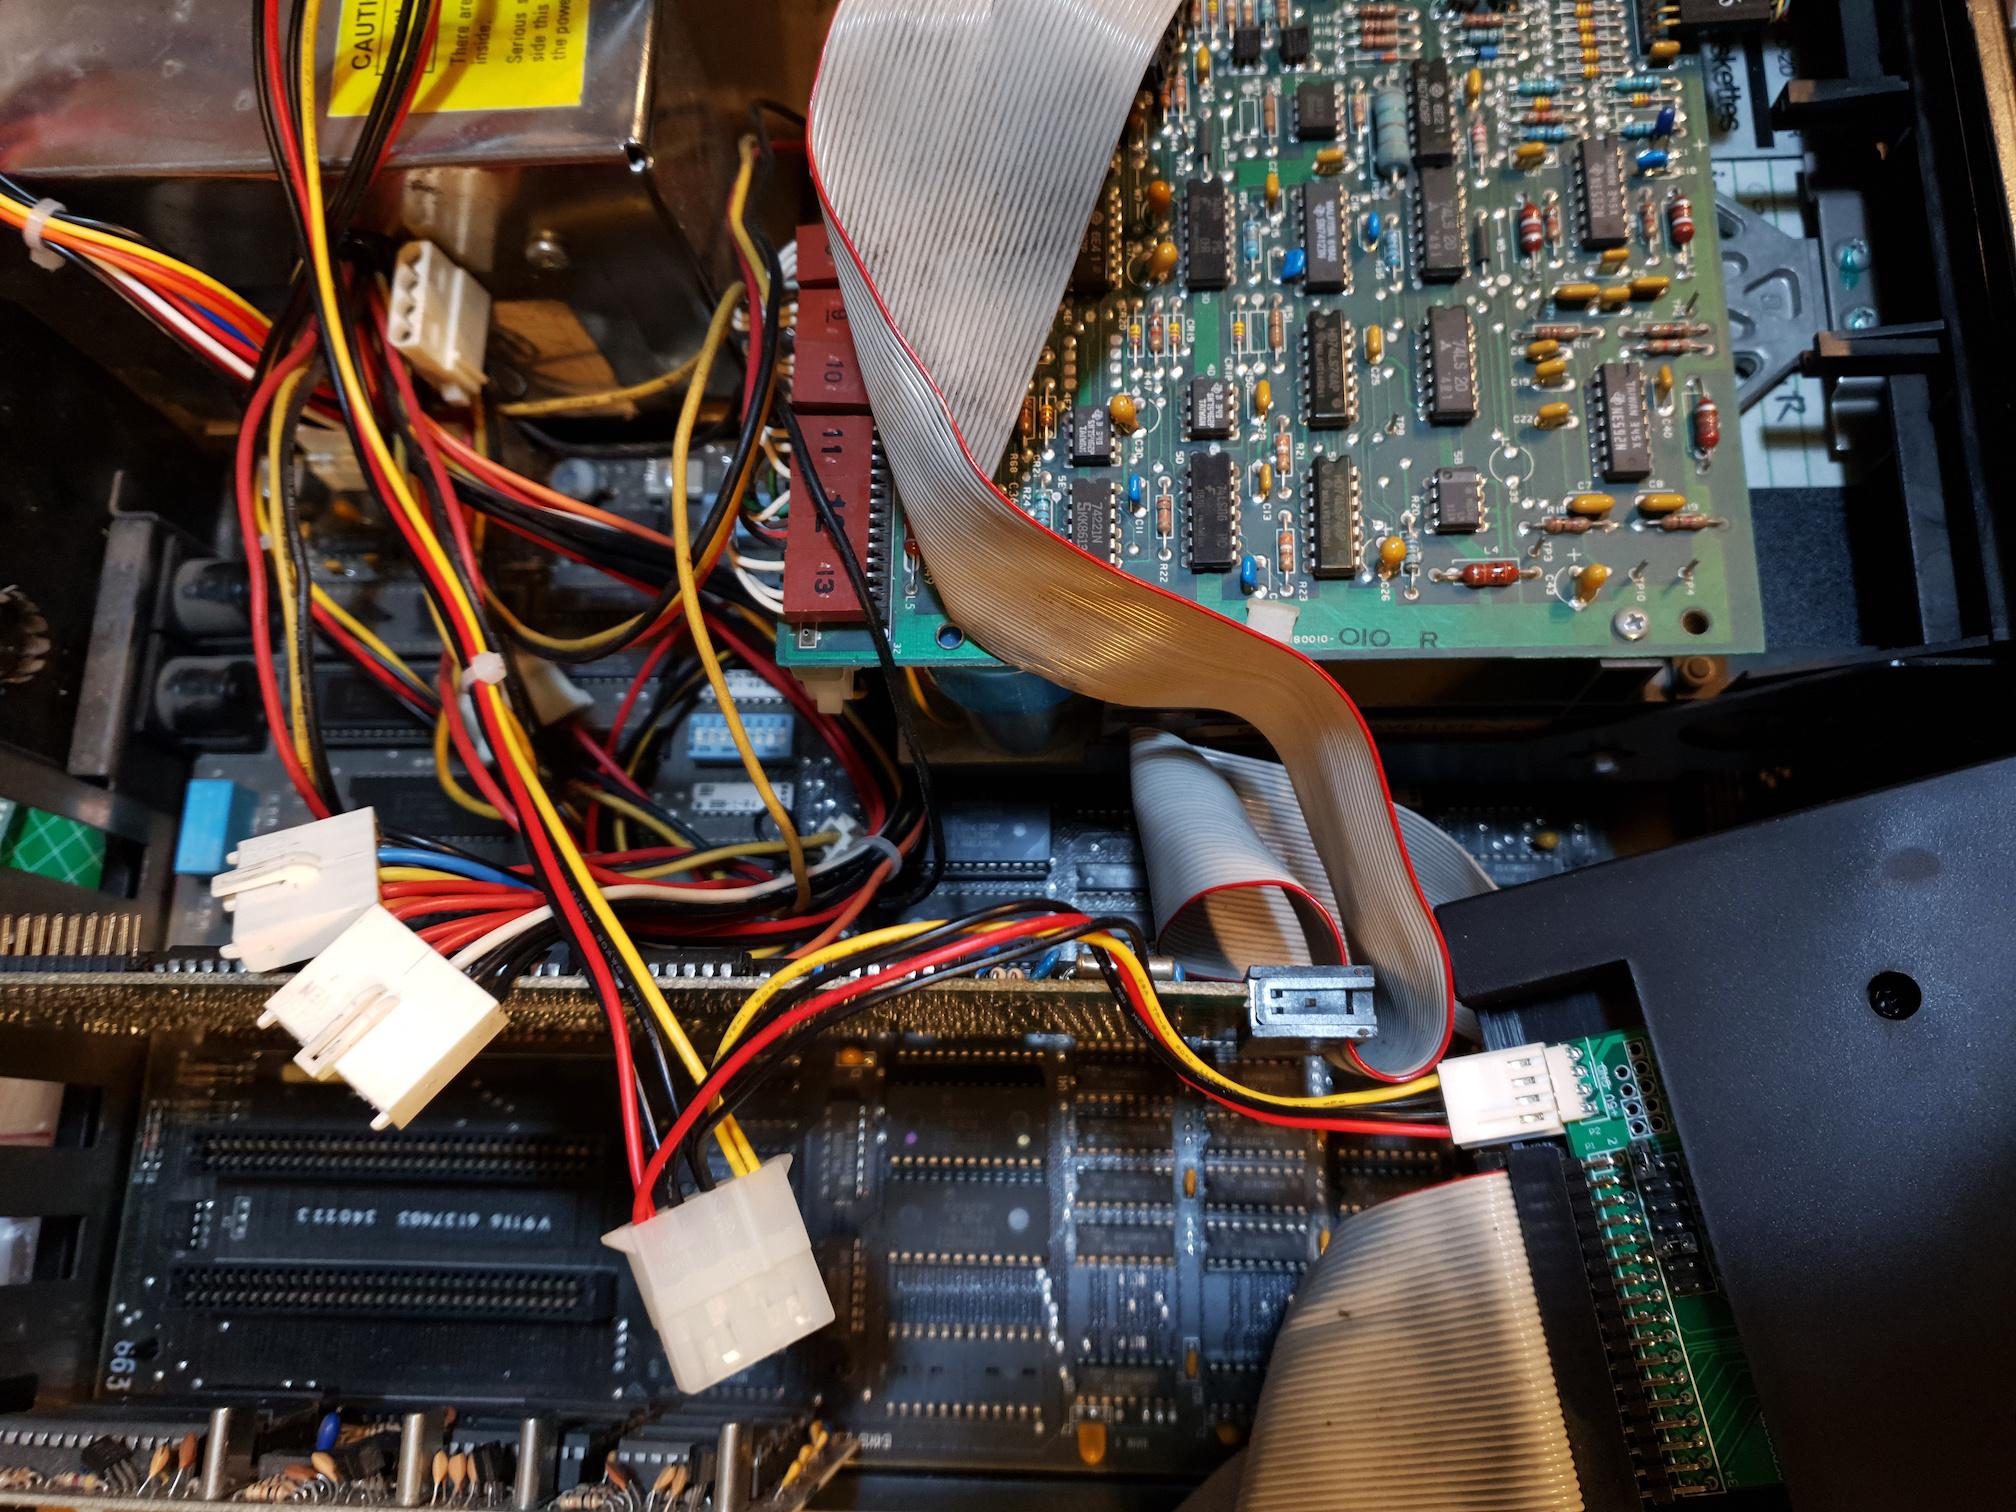 IBM PC, Gotek